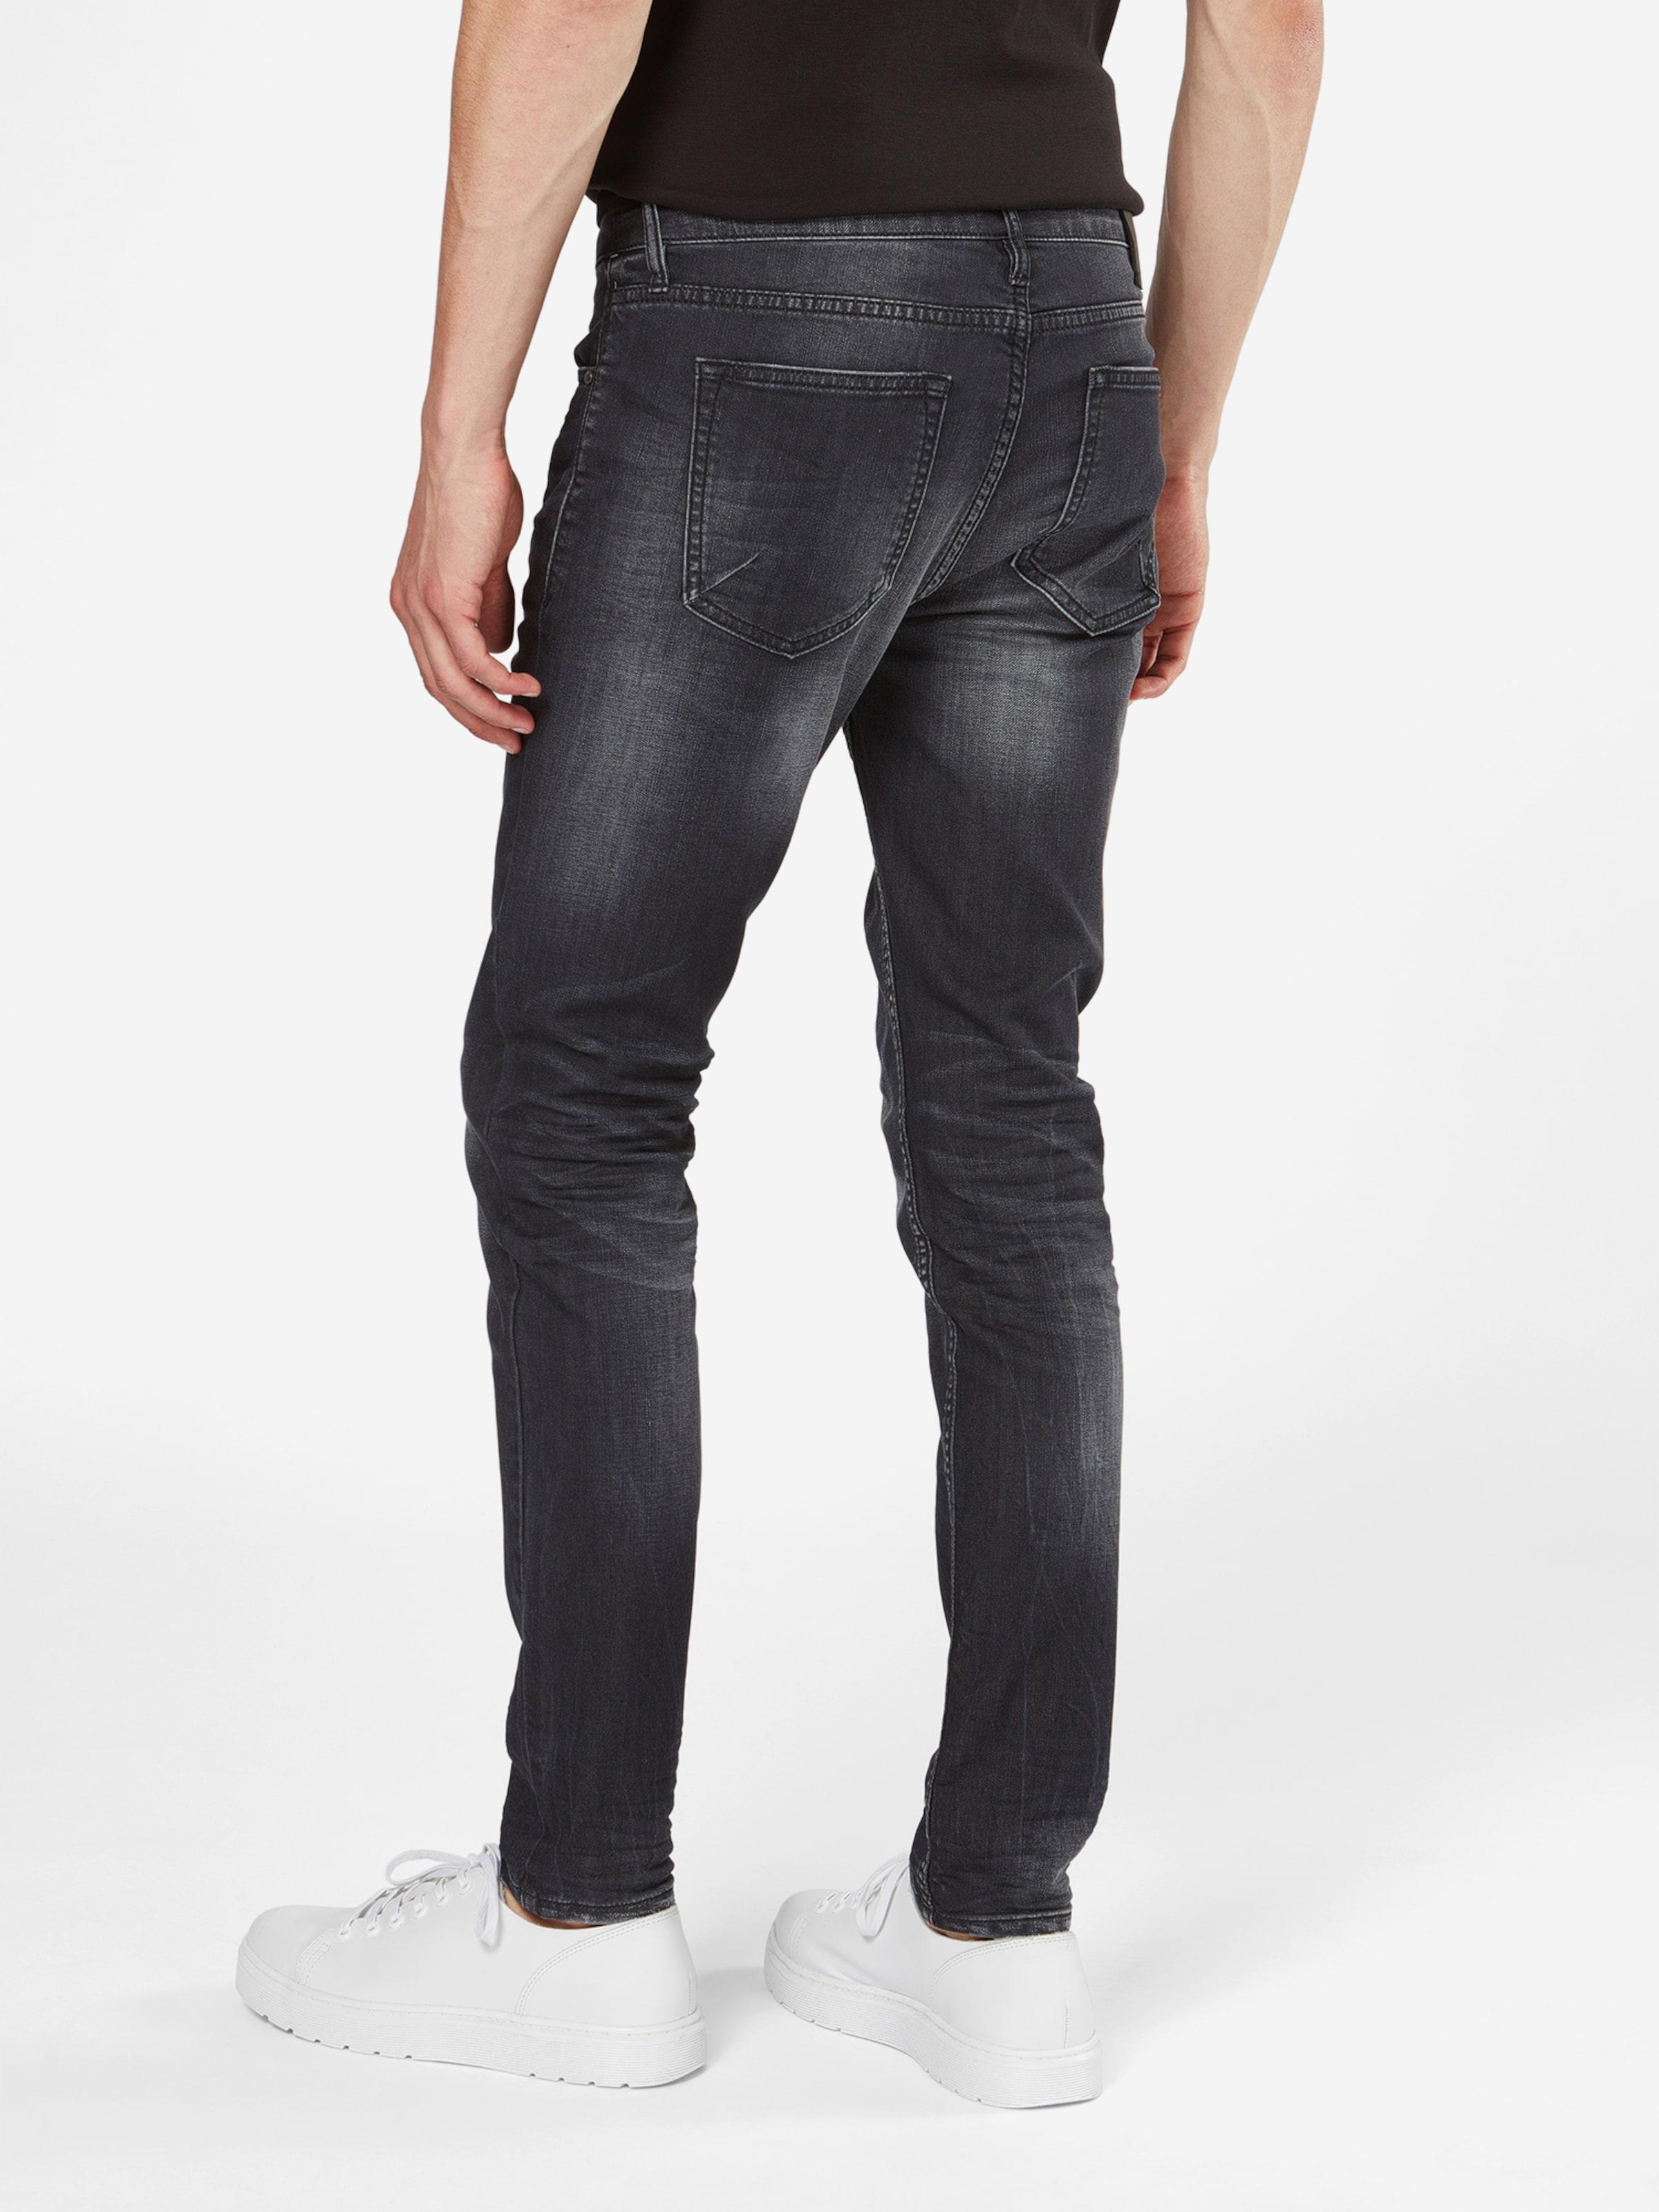 tigha Skinny Fit Jeans 'Morten Air' Webseite Zum Verkauf Auf Der Suche Nach VwuRvUl3